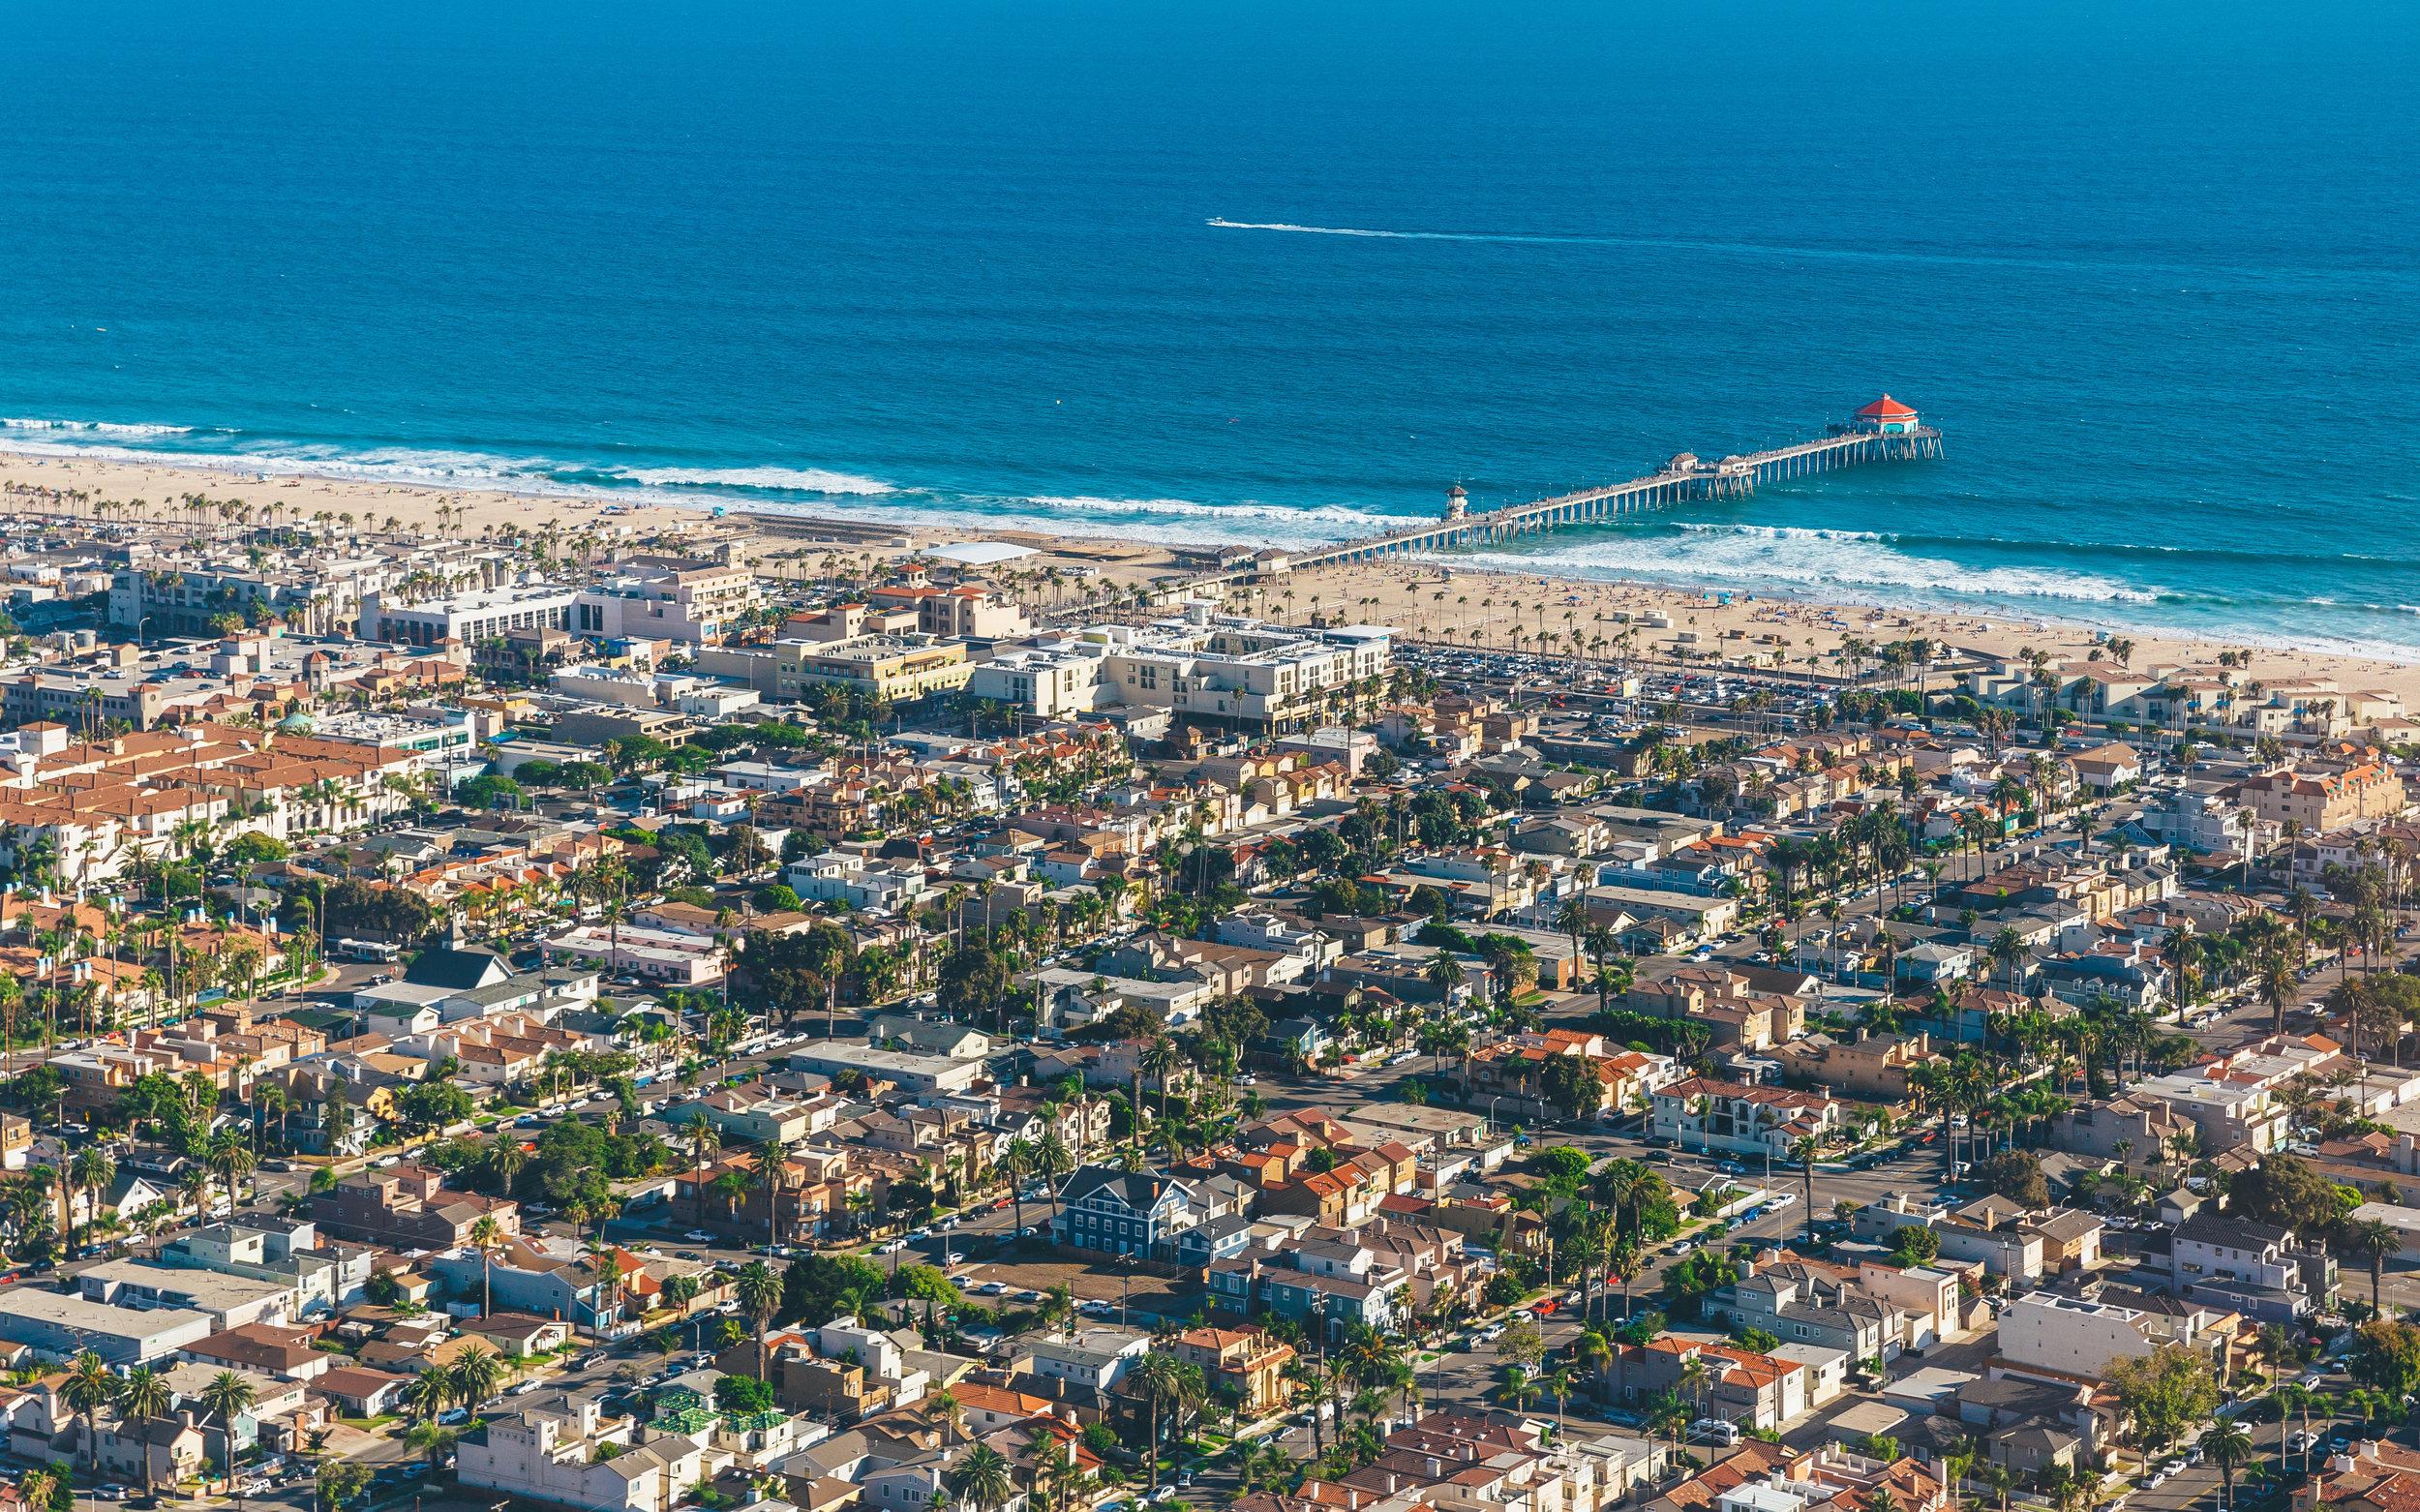 2015-LA-Aerial-002-crop.jpg